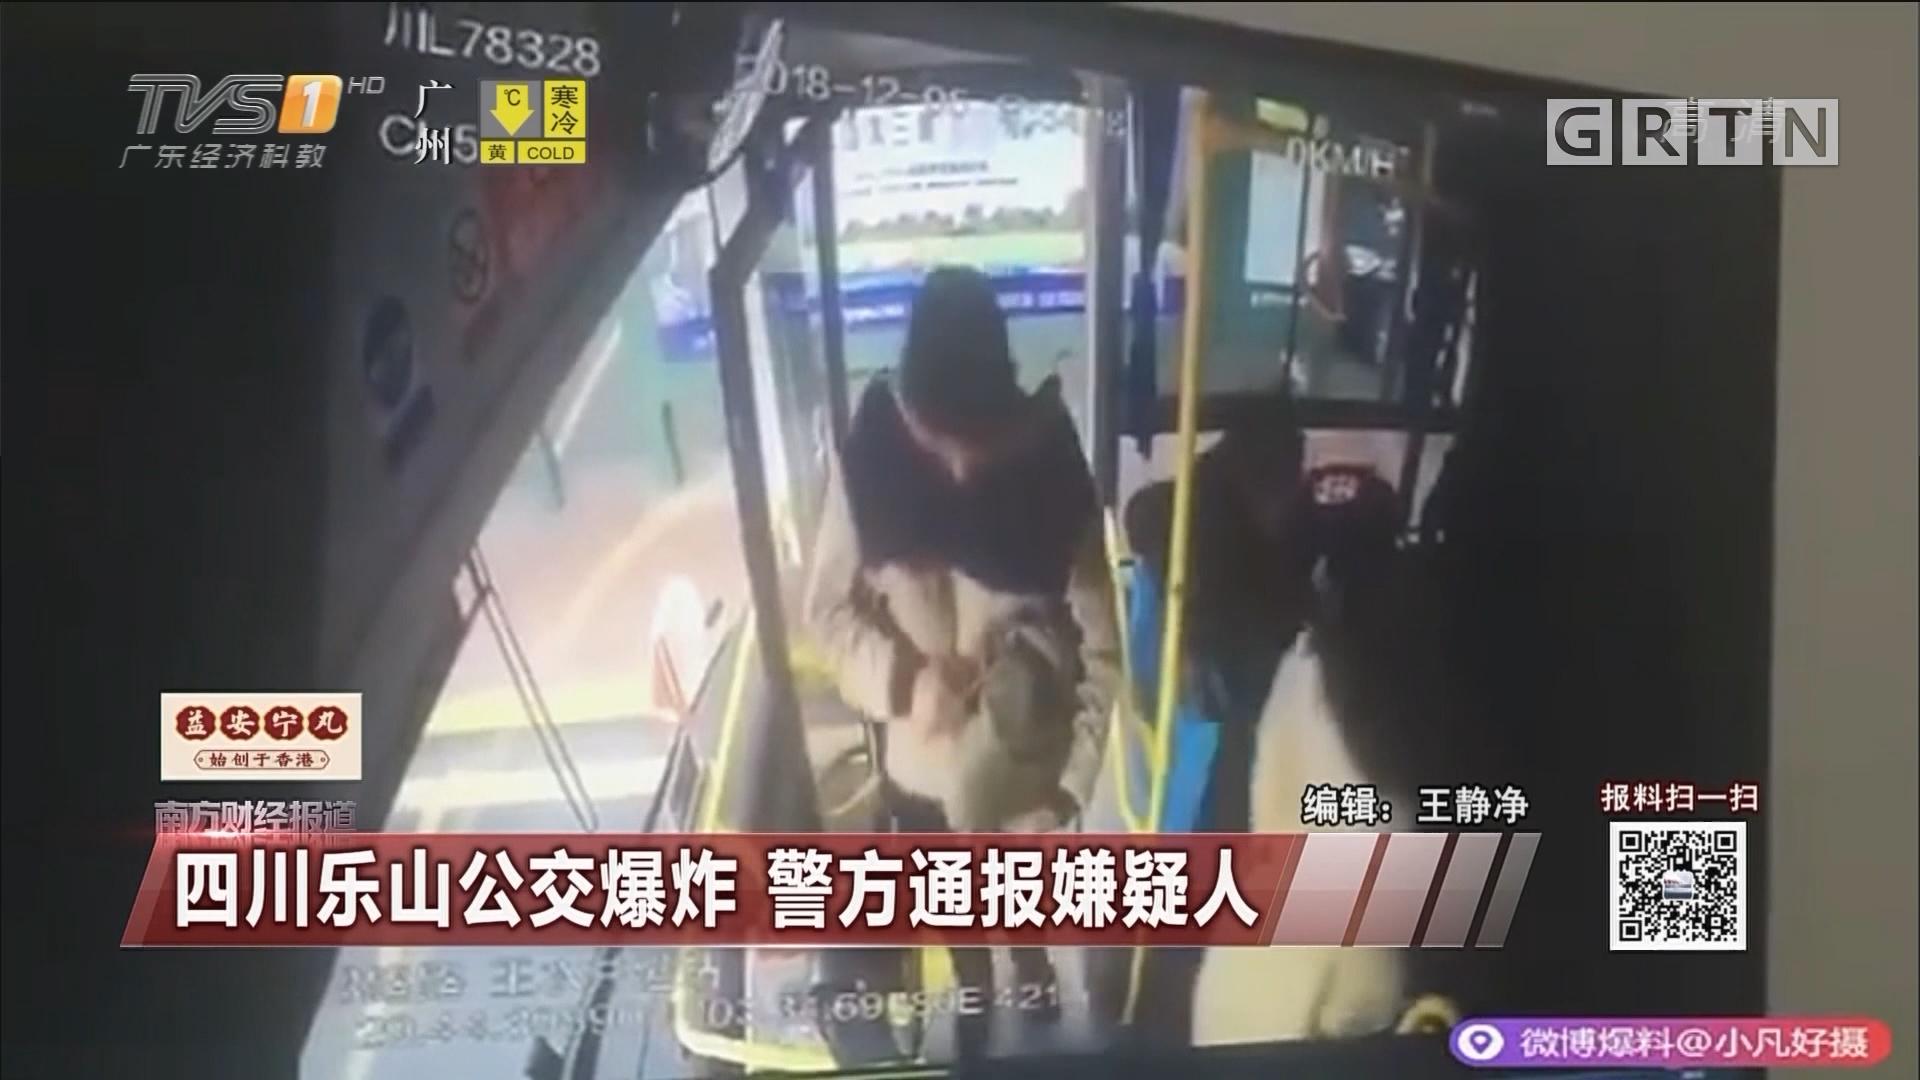 四川乐山公交爆炸 警方通报嫌疑人